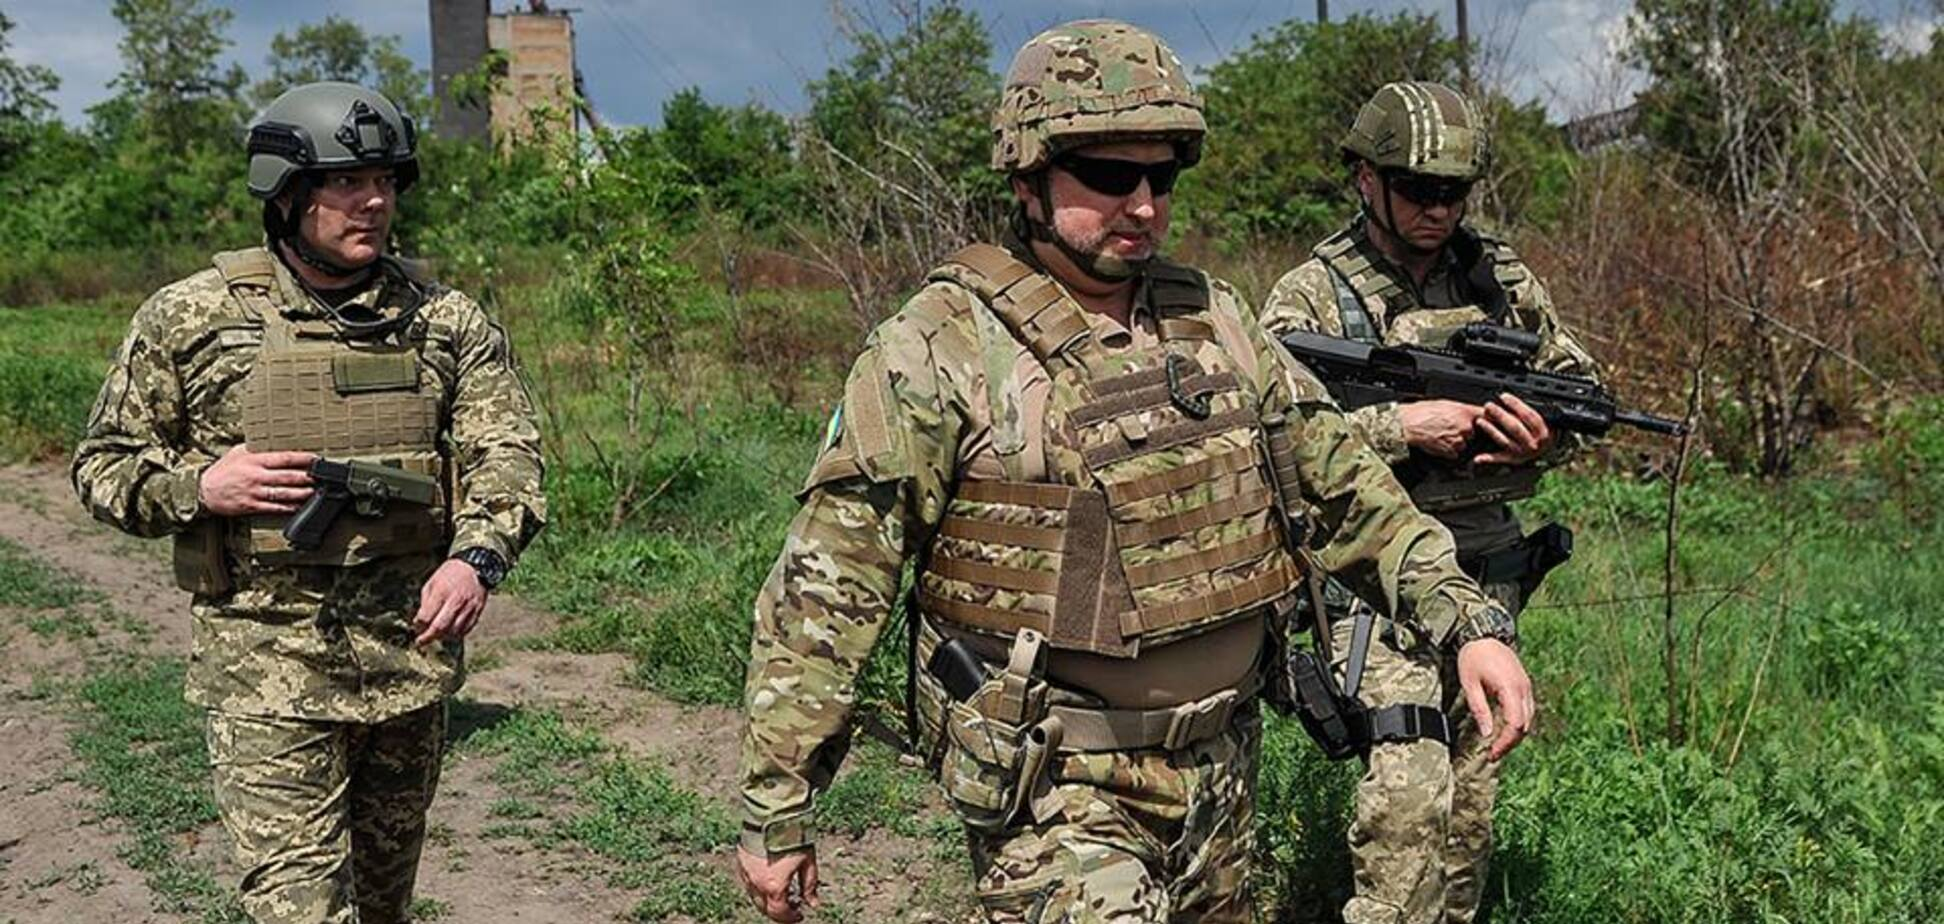 Объединенные силы заняли новую высоту на Донбассе: в 'ДНР' сделали заявление